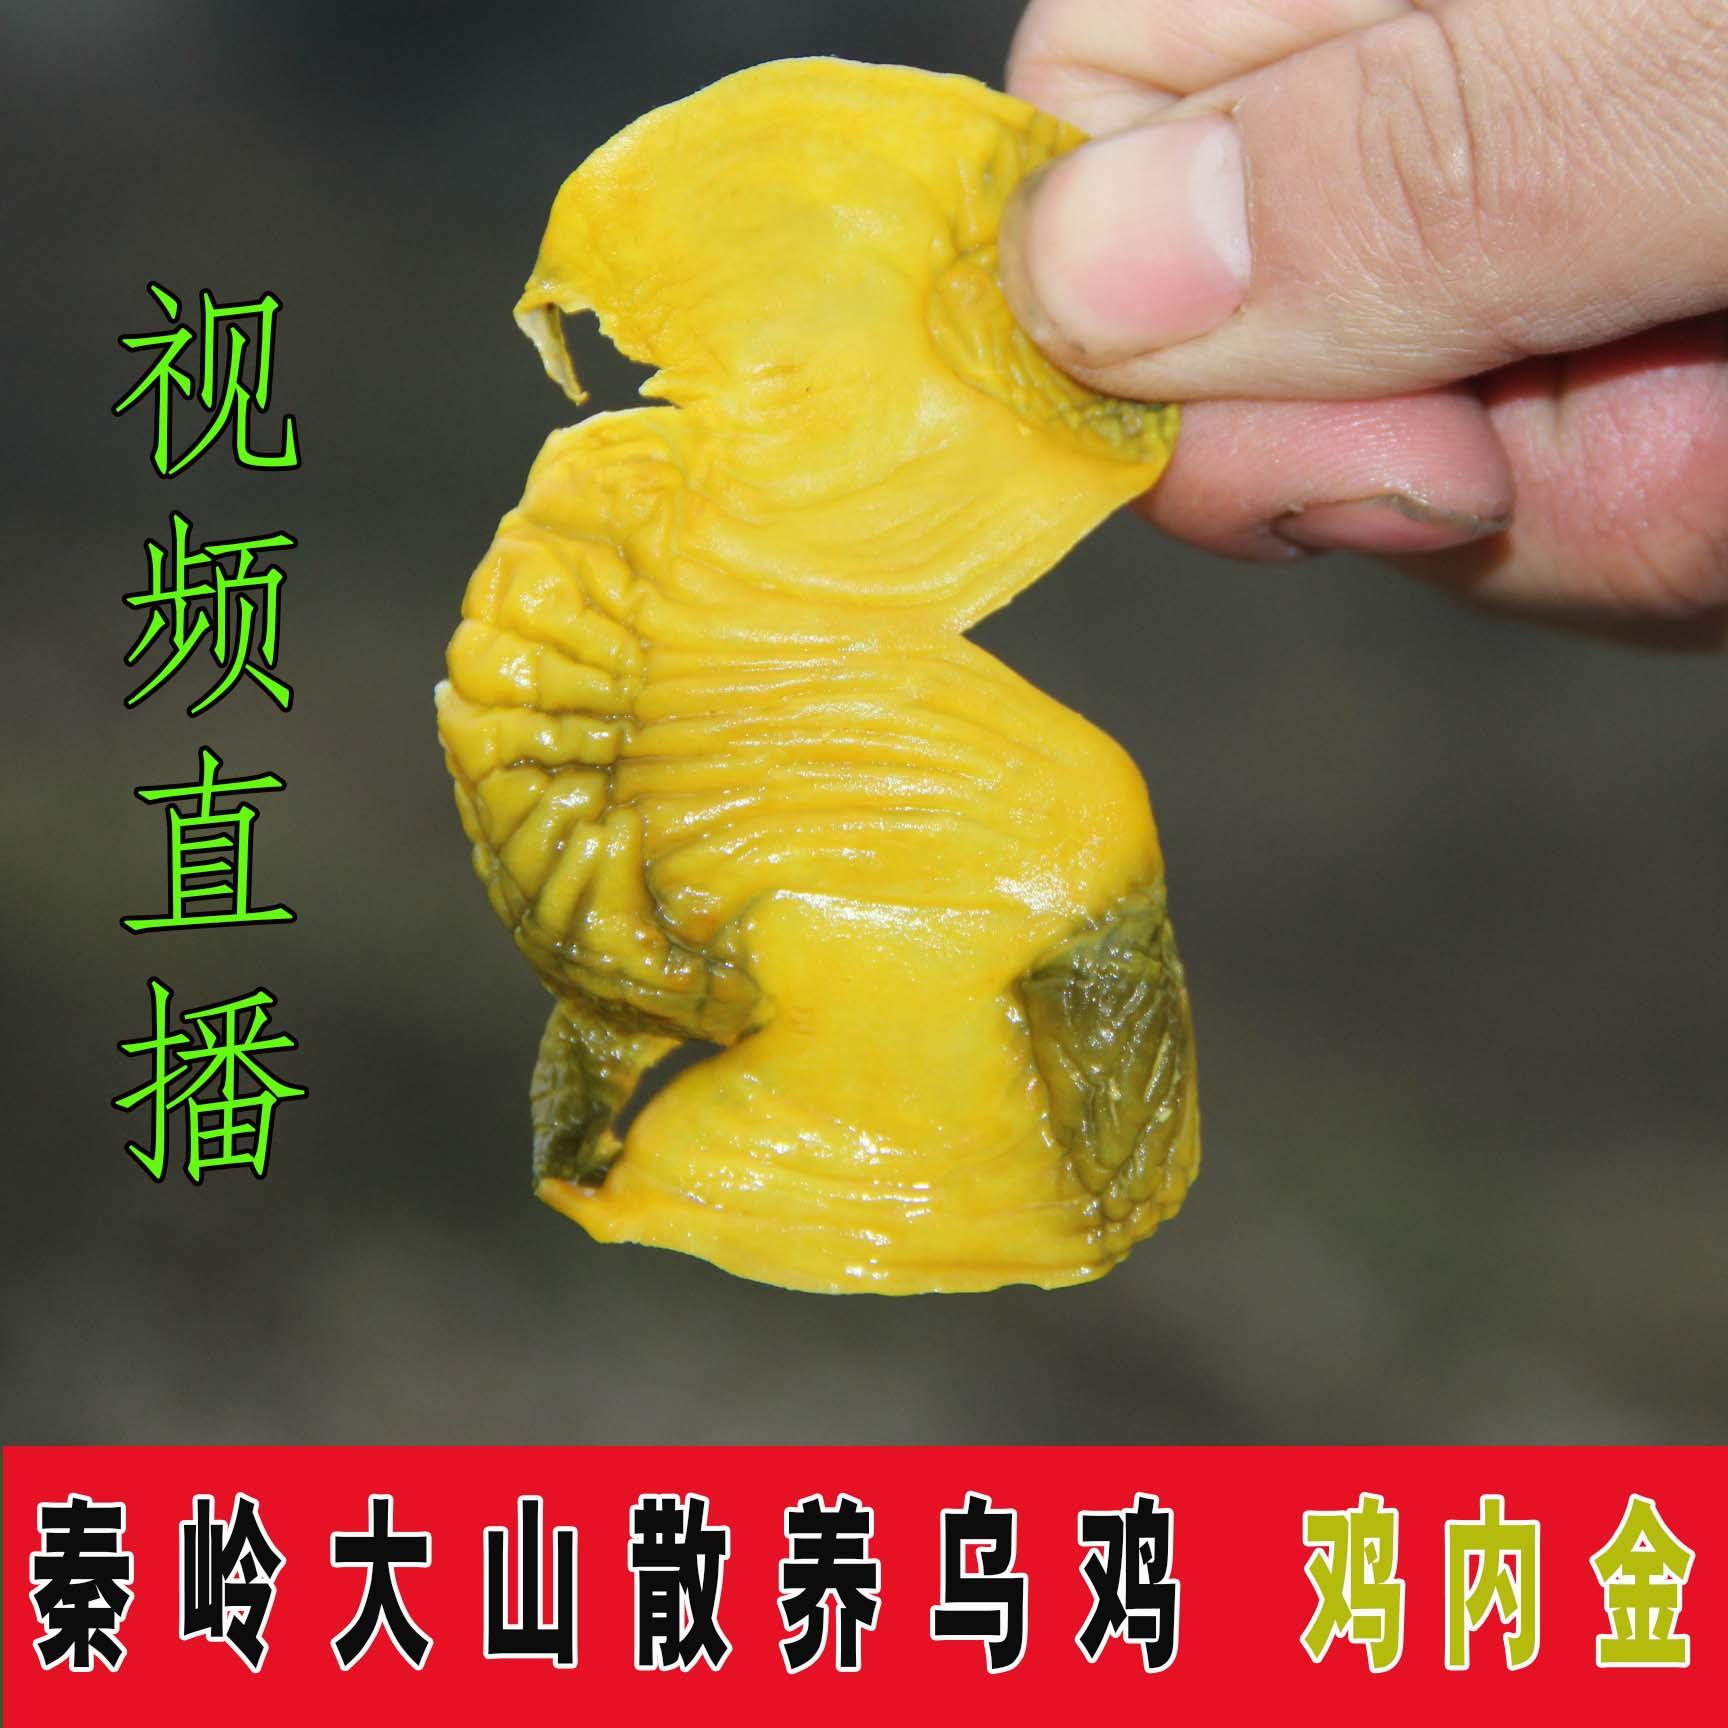 Сельское хозяйство домой земля курица курица внутри золотой небольшой ребенок курица внутри золотой порошок жарить спелый сырье курица внутри золотой лист мельница порошок курица глотка оболочка 250g бесплатная доставка